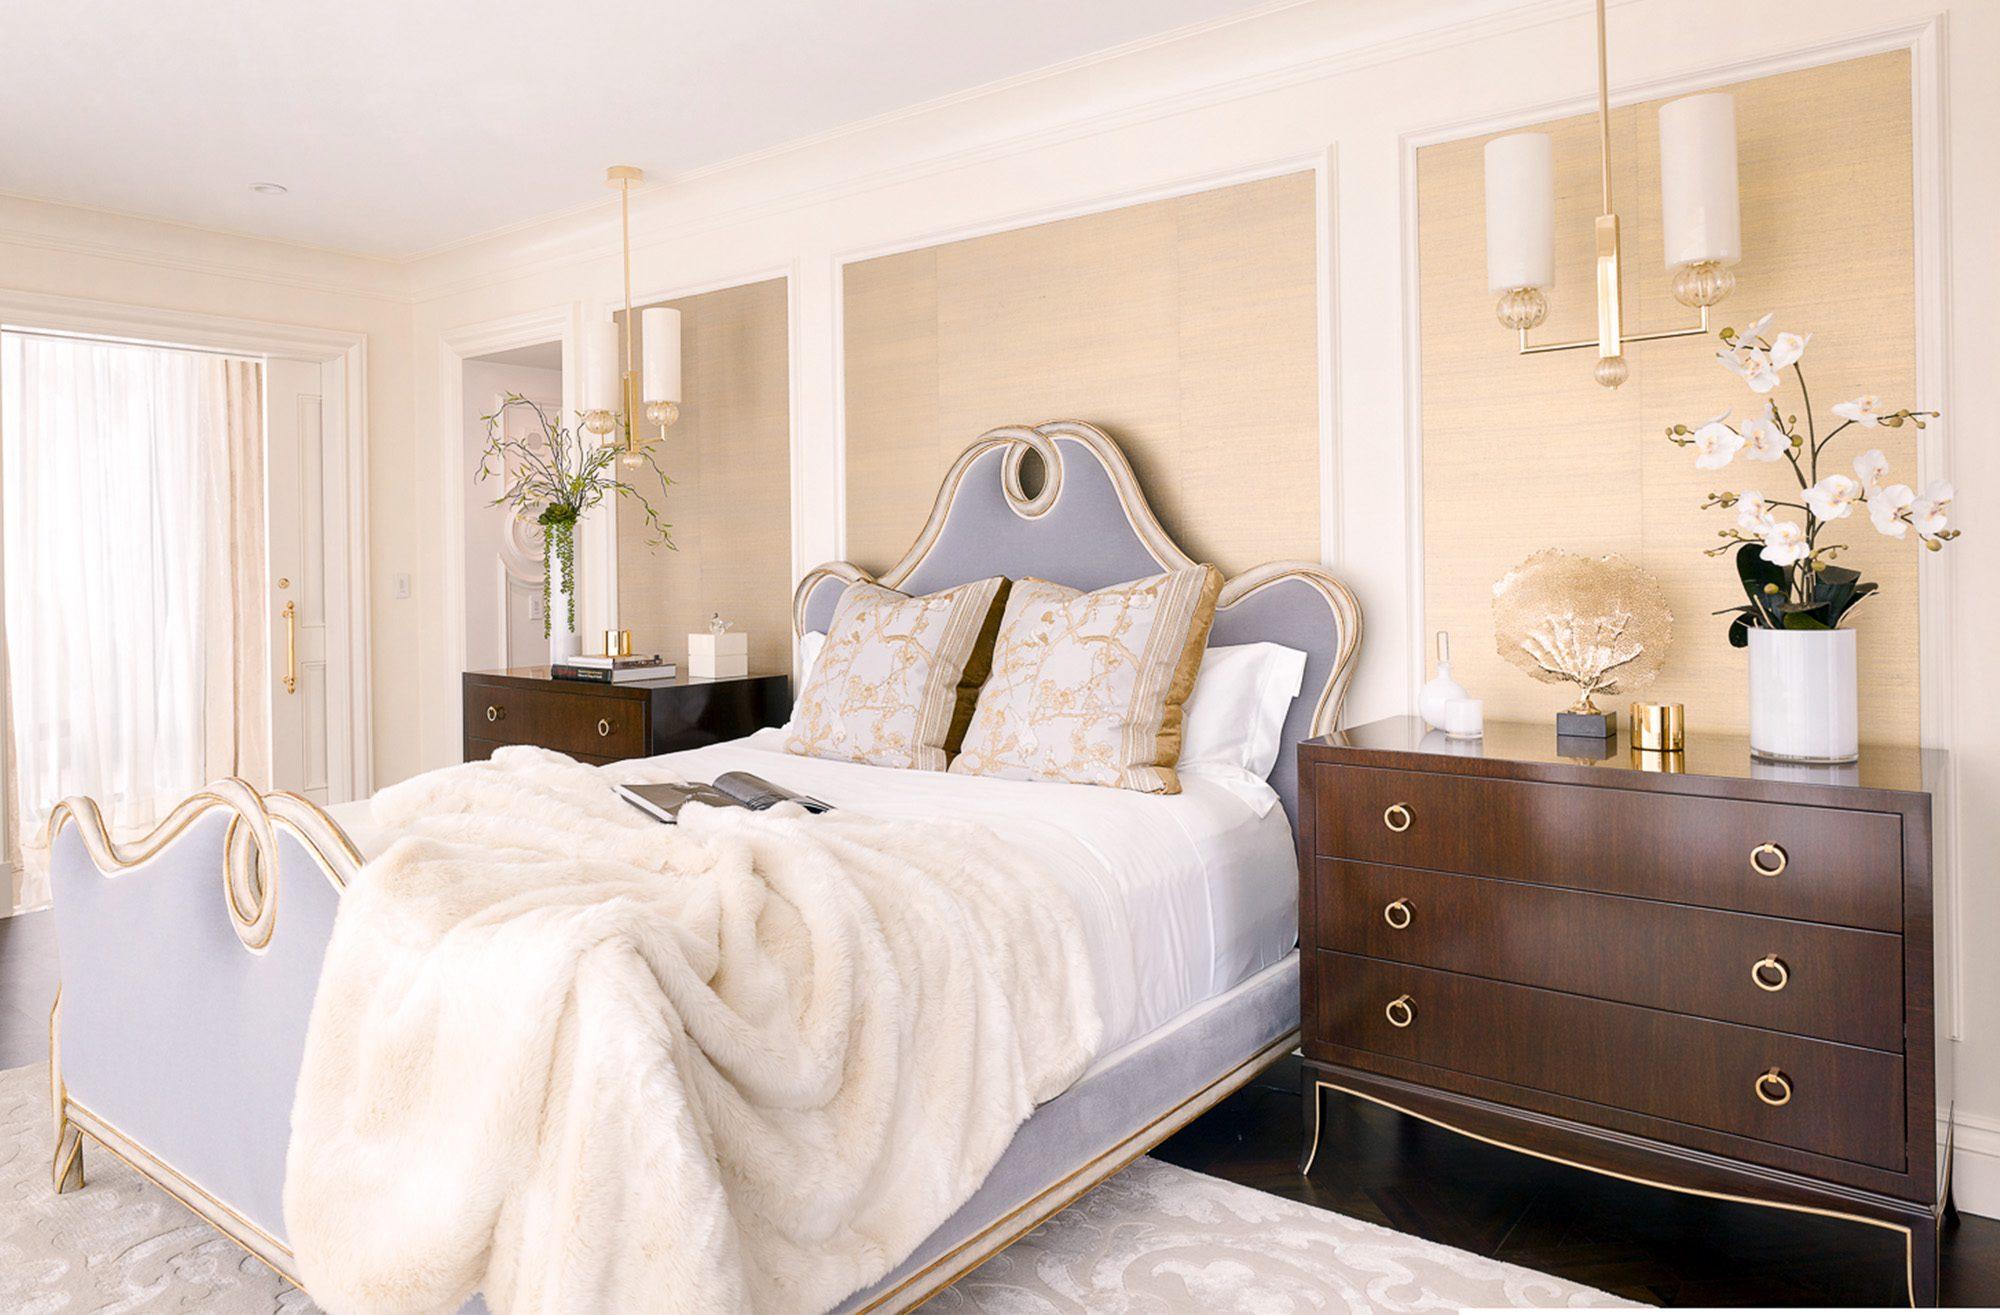 03-tara-dudley-interiors-luxe-glam-master-suite-004-copy